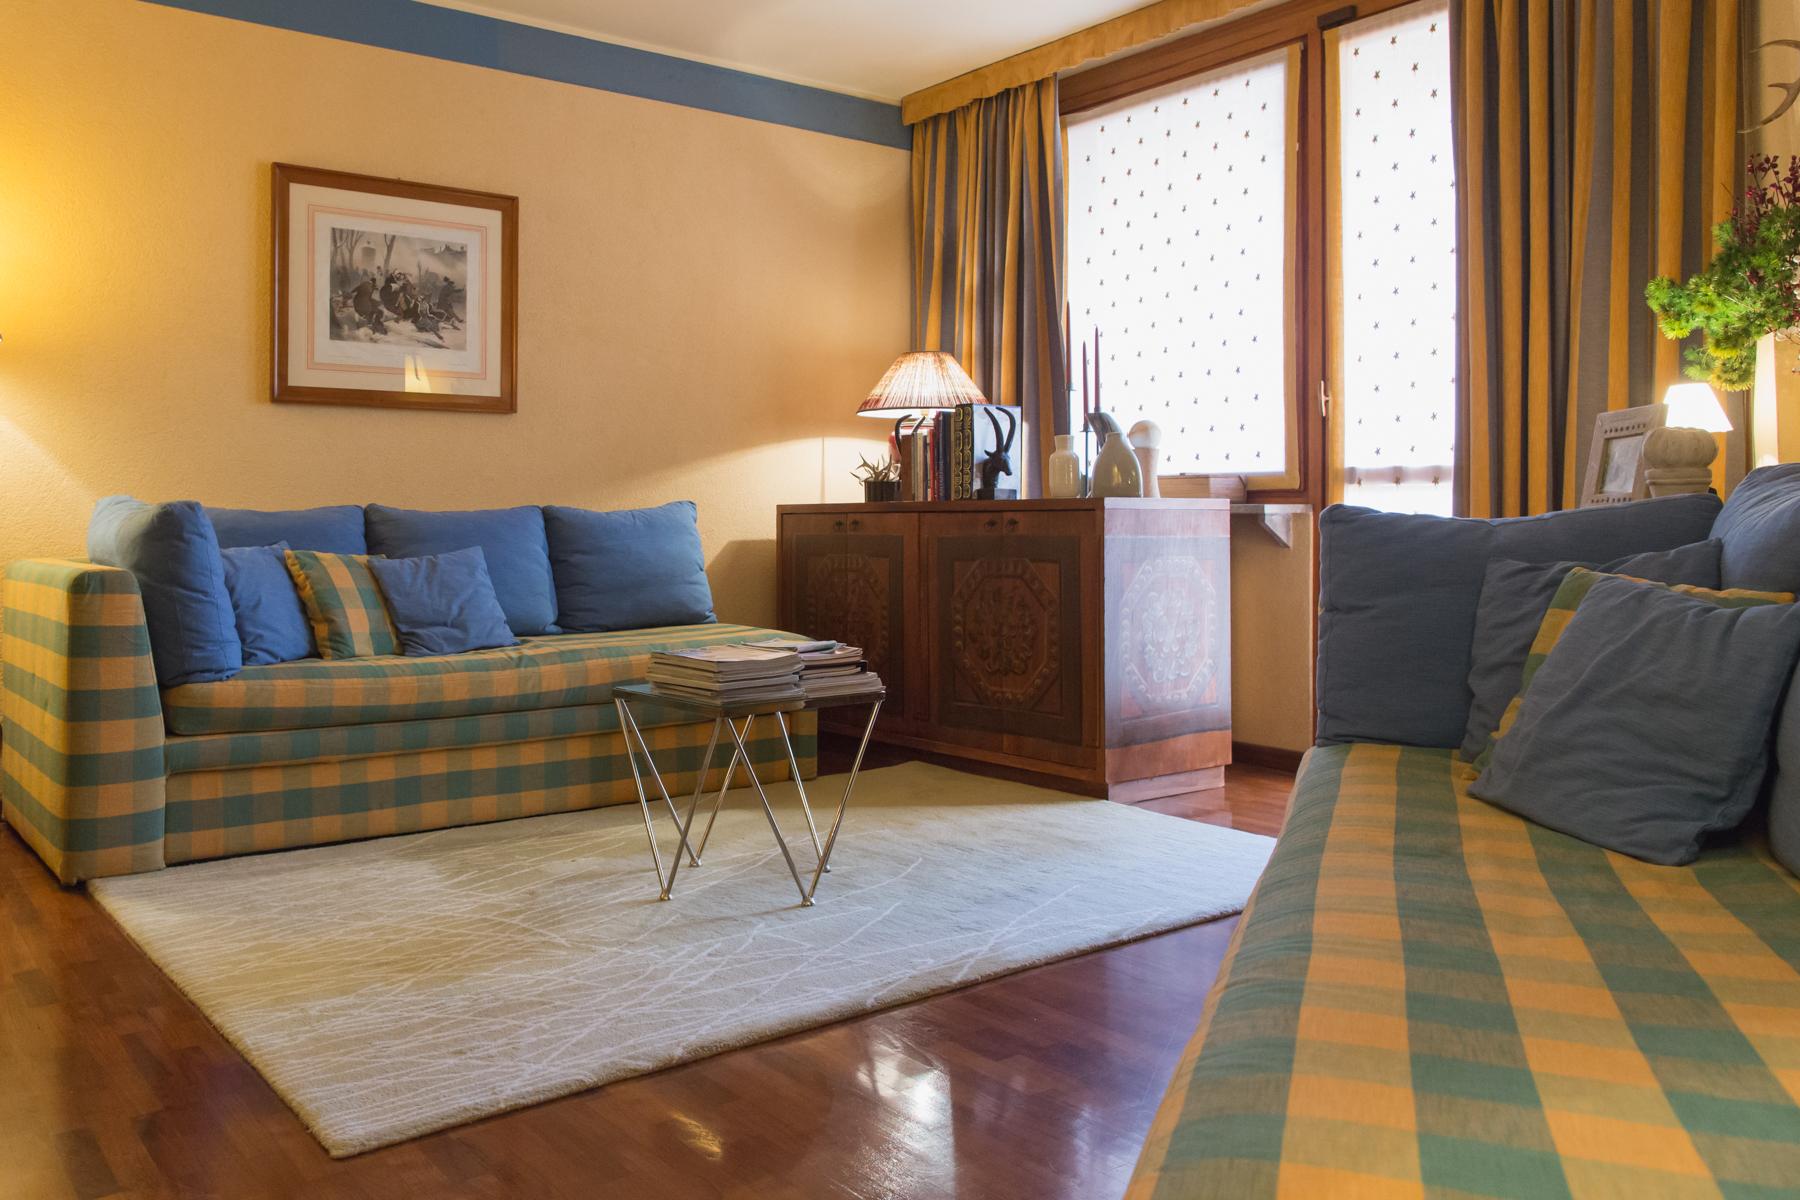 Appartamento in Vendita a Bardonecchia: 5 locali, 100 mq - Foto 7